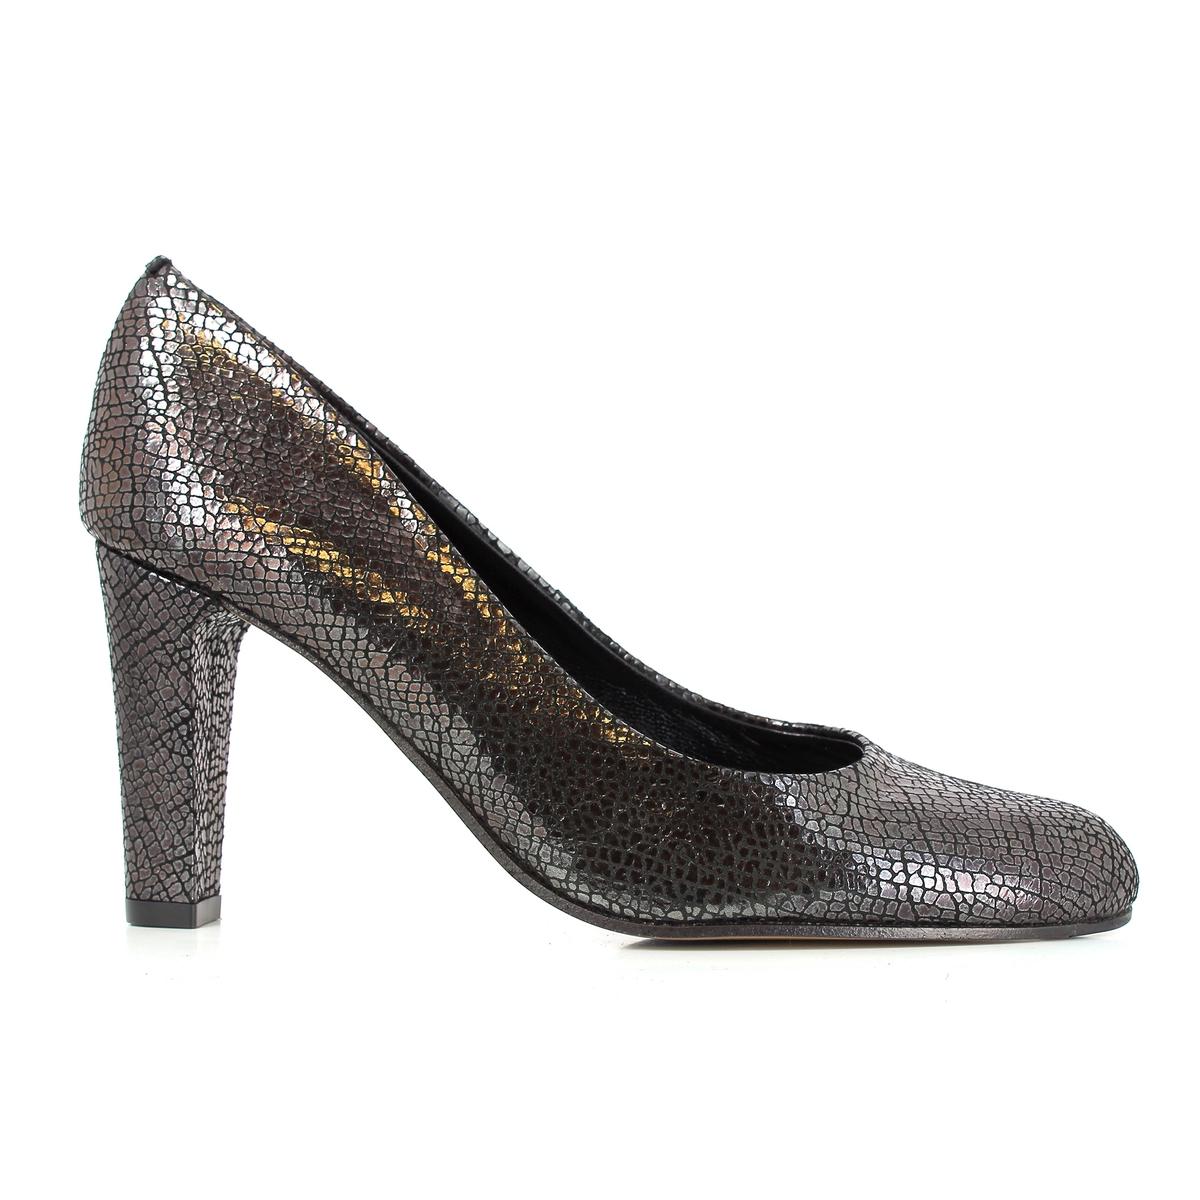 цены на Туфли кожаные на каблуке, CLAPIS в интернет-магазинах